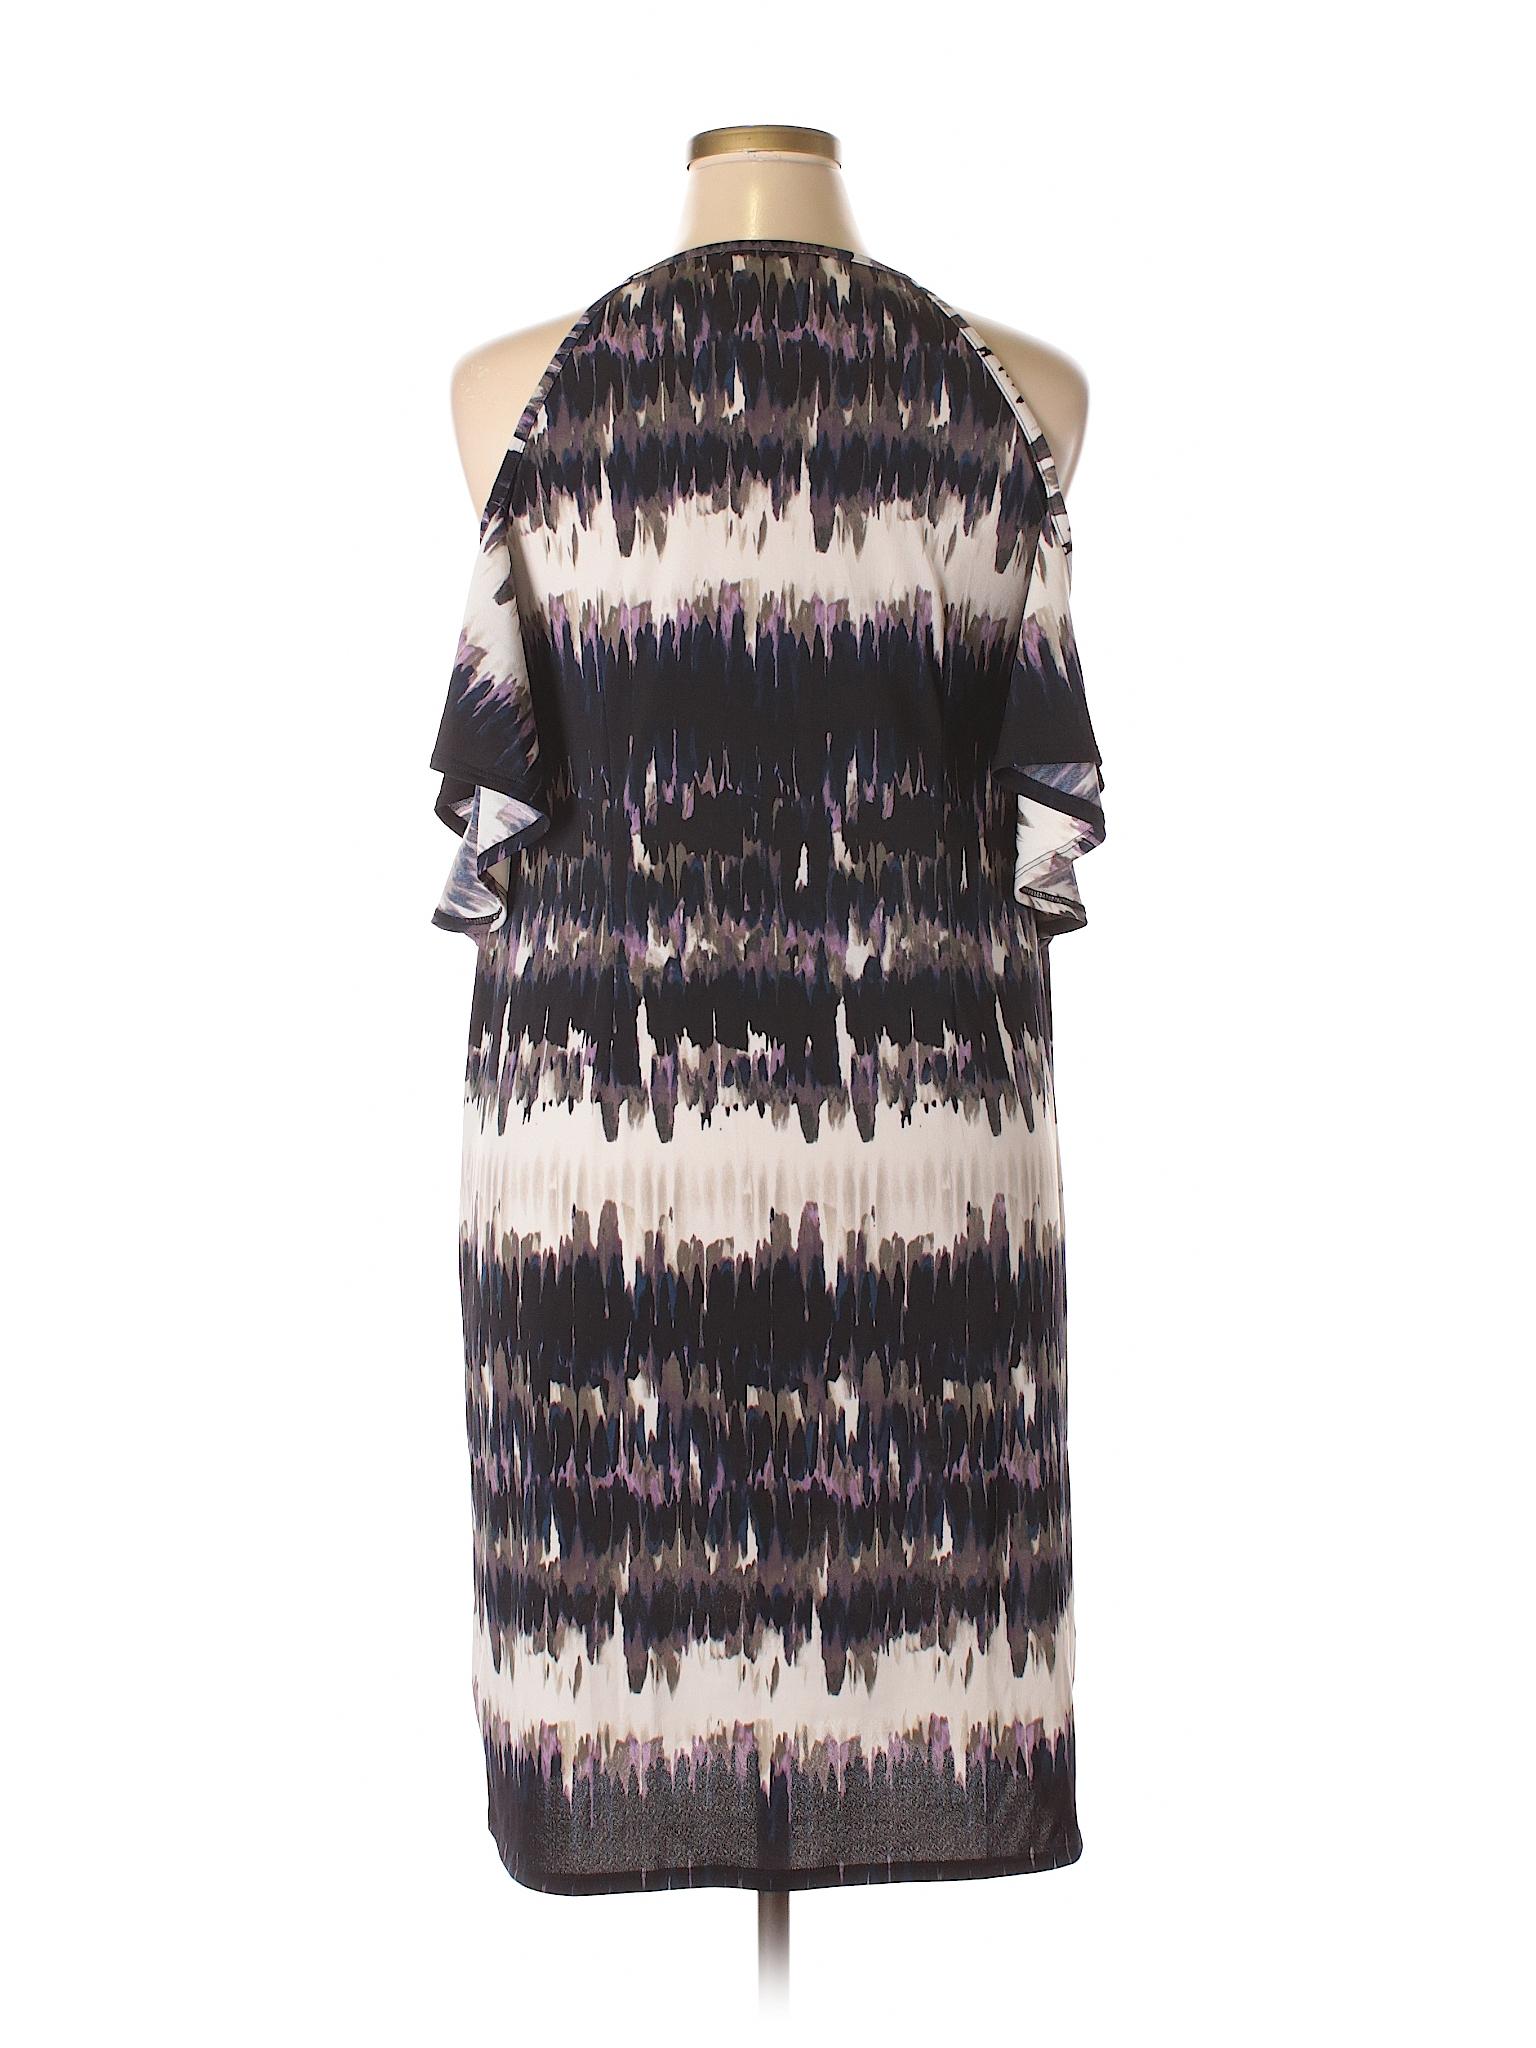 Dress Cato Boutique Winter Winter Cato Casual Casual Dress Boutique zgqPPf